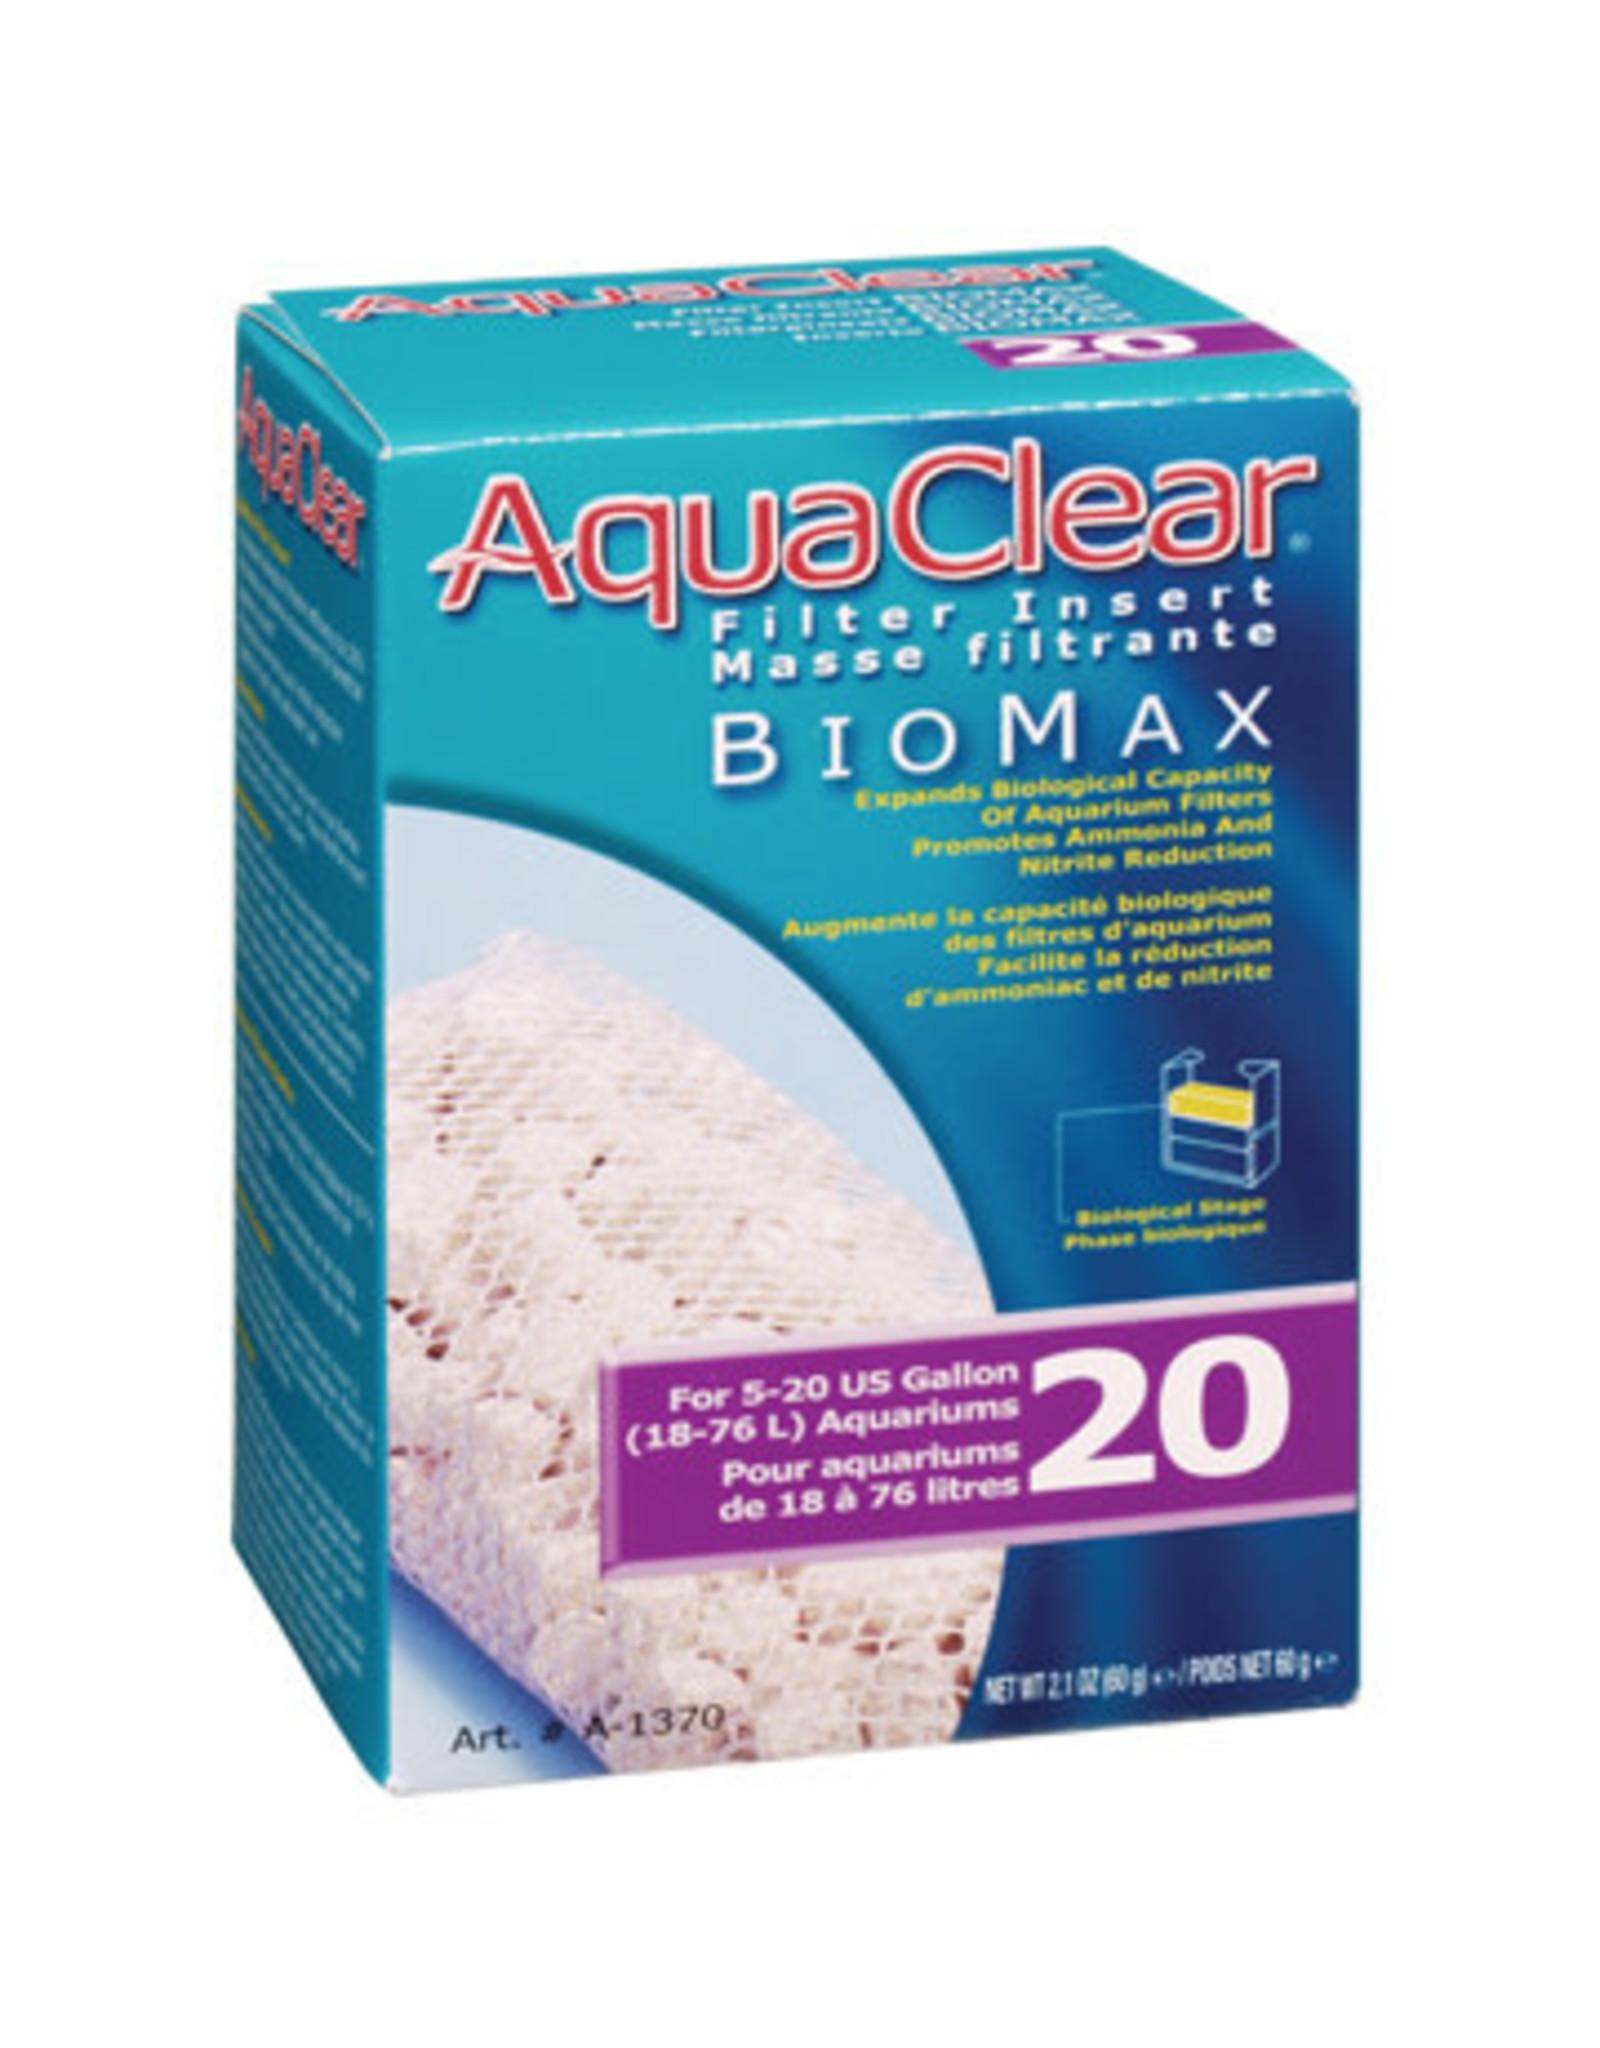 AquaClear AquaClear 20 Bio-Max Insert 60g